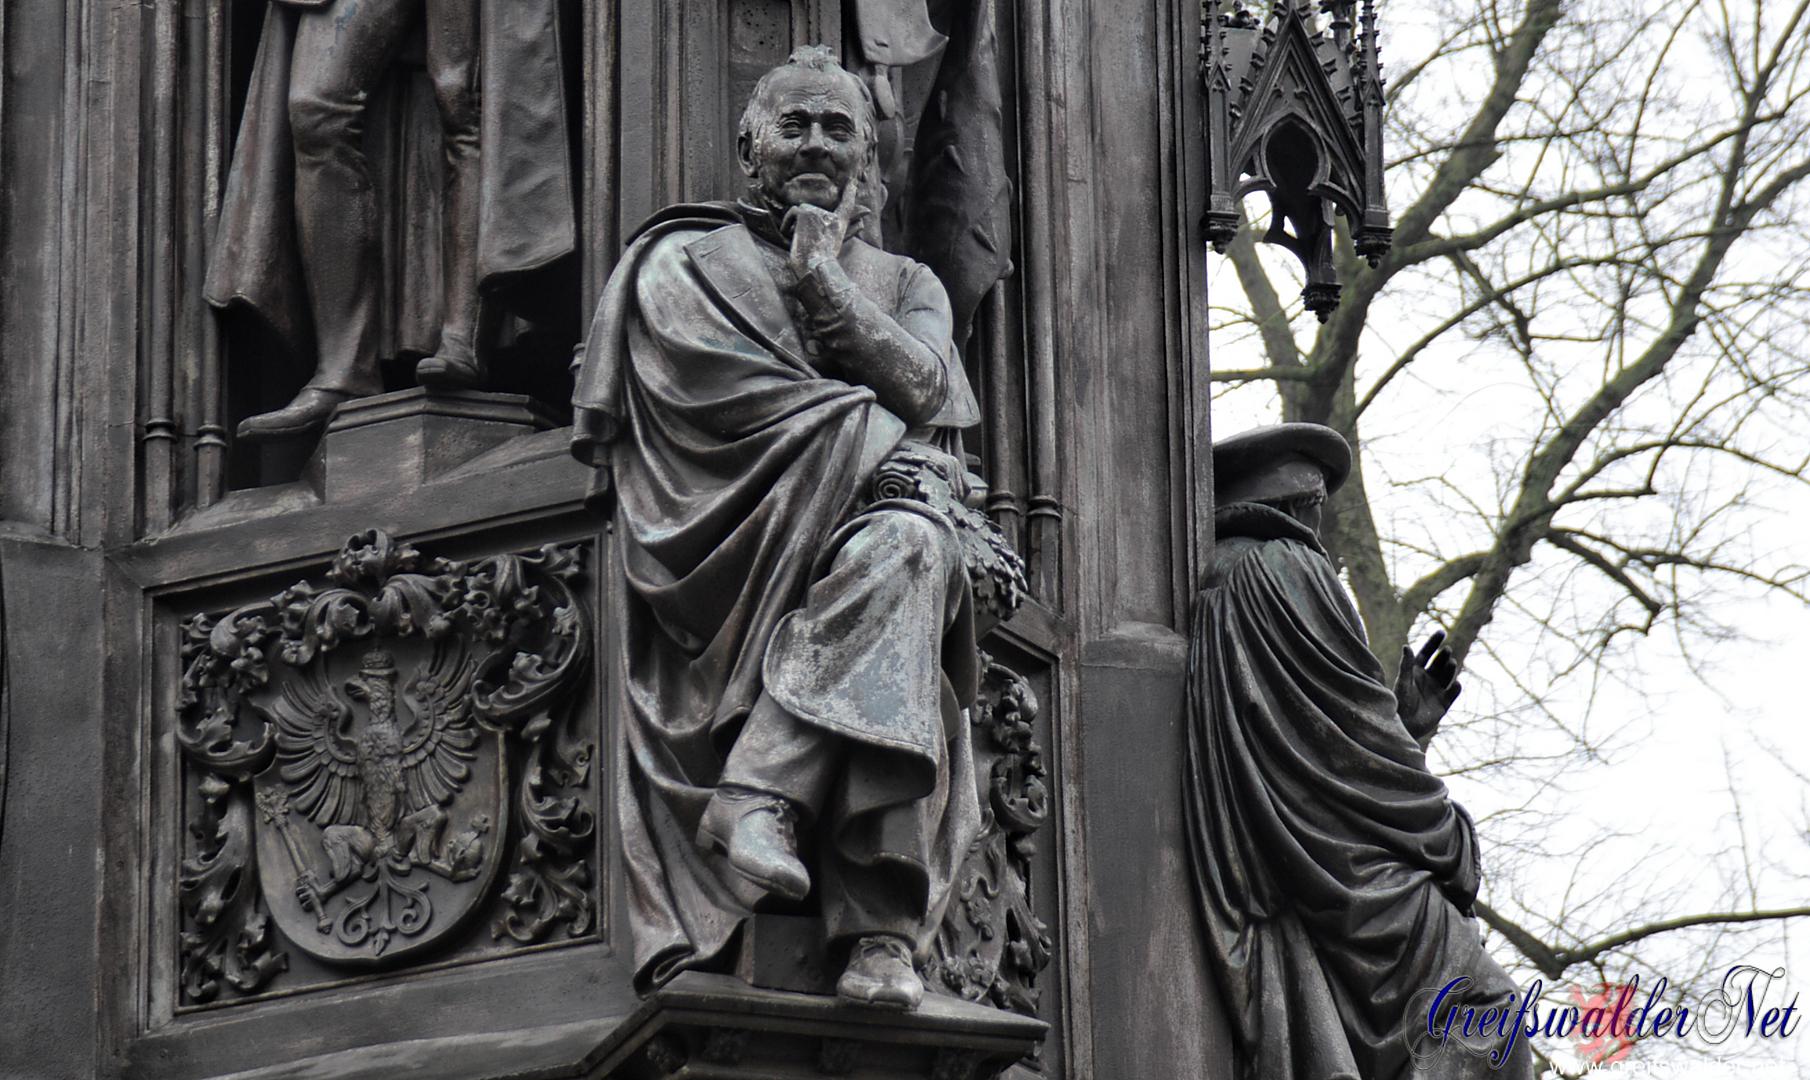 Skulptur des Dichters Ernst Moritz Arndt am Rubenowdenkmal